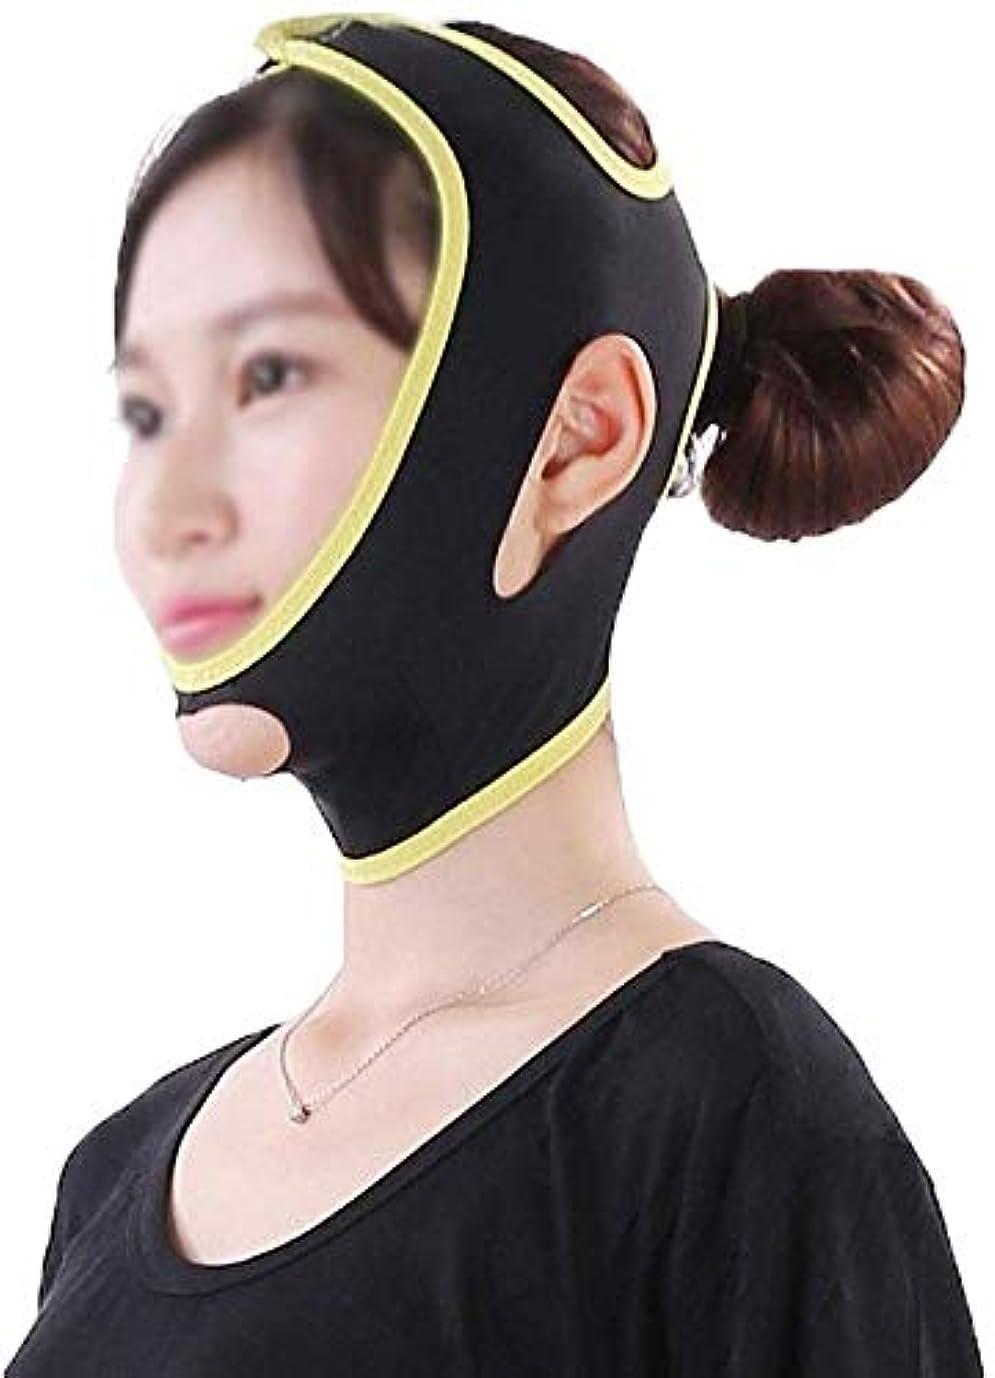 媒染剤簡単な計画美容と実用的なフェイスアンドネックリフト、フェイスリフトマスク強力なフェイスマスクフェイスリフトアーティファクトフェイスリフティングフェイスリフティングツールフェイスリフティング包帯薄いフェイスマスク美容マスク